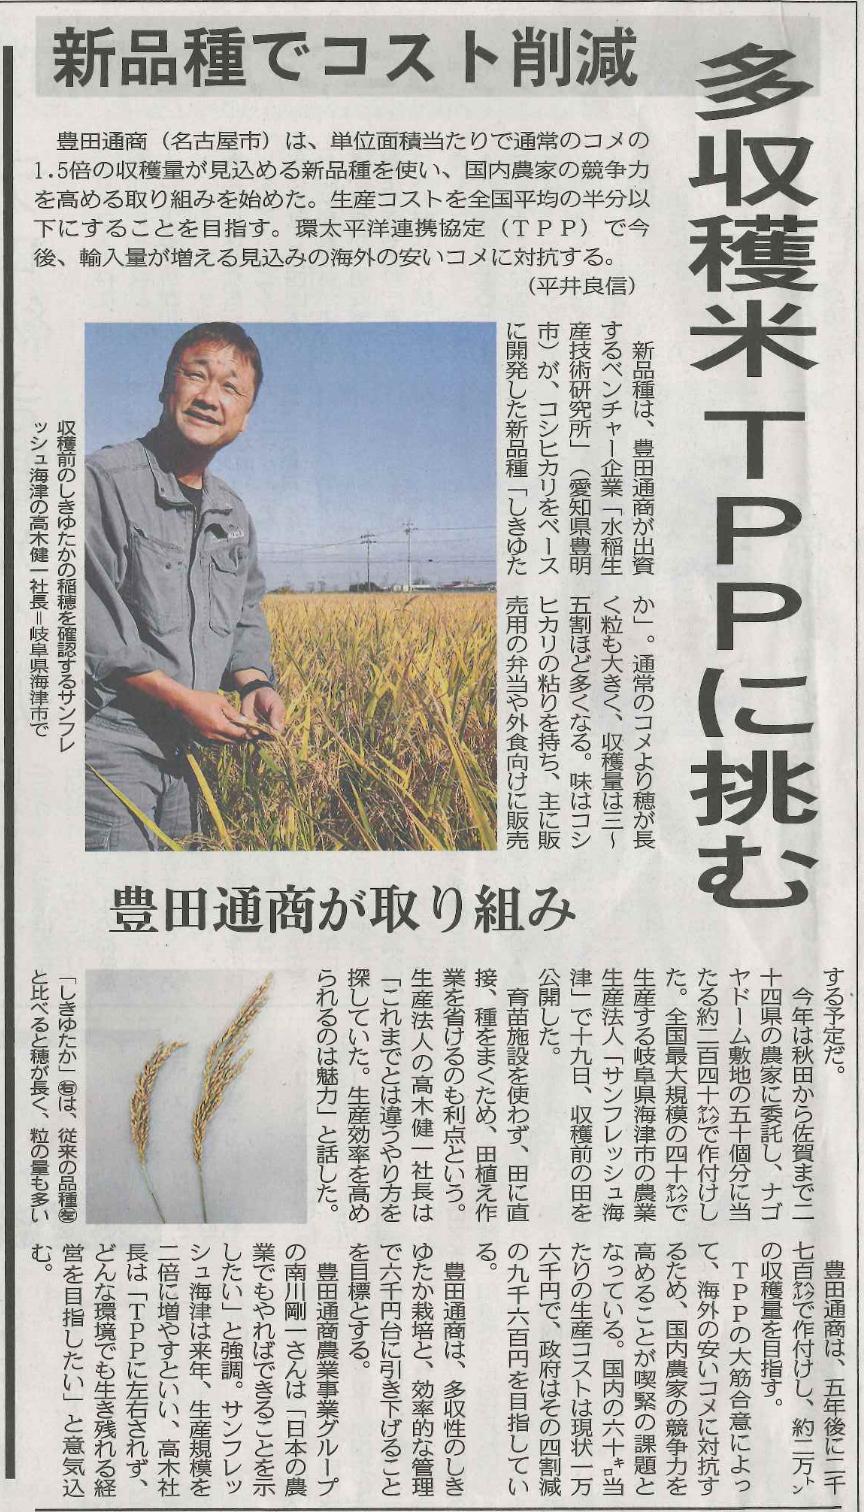 弊社の多収米栽培(しきゆたか)が新聞に掲載されました。